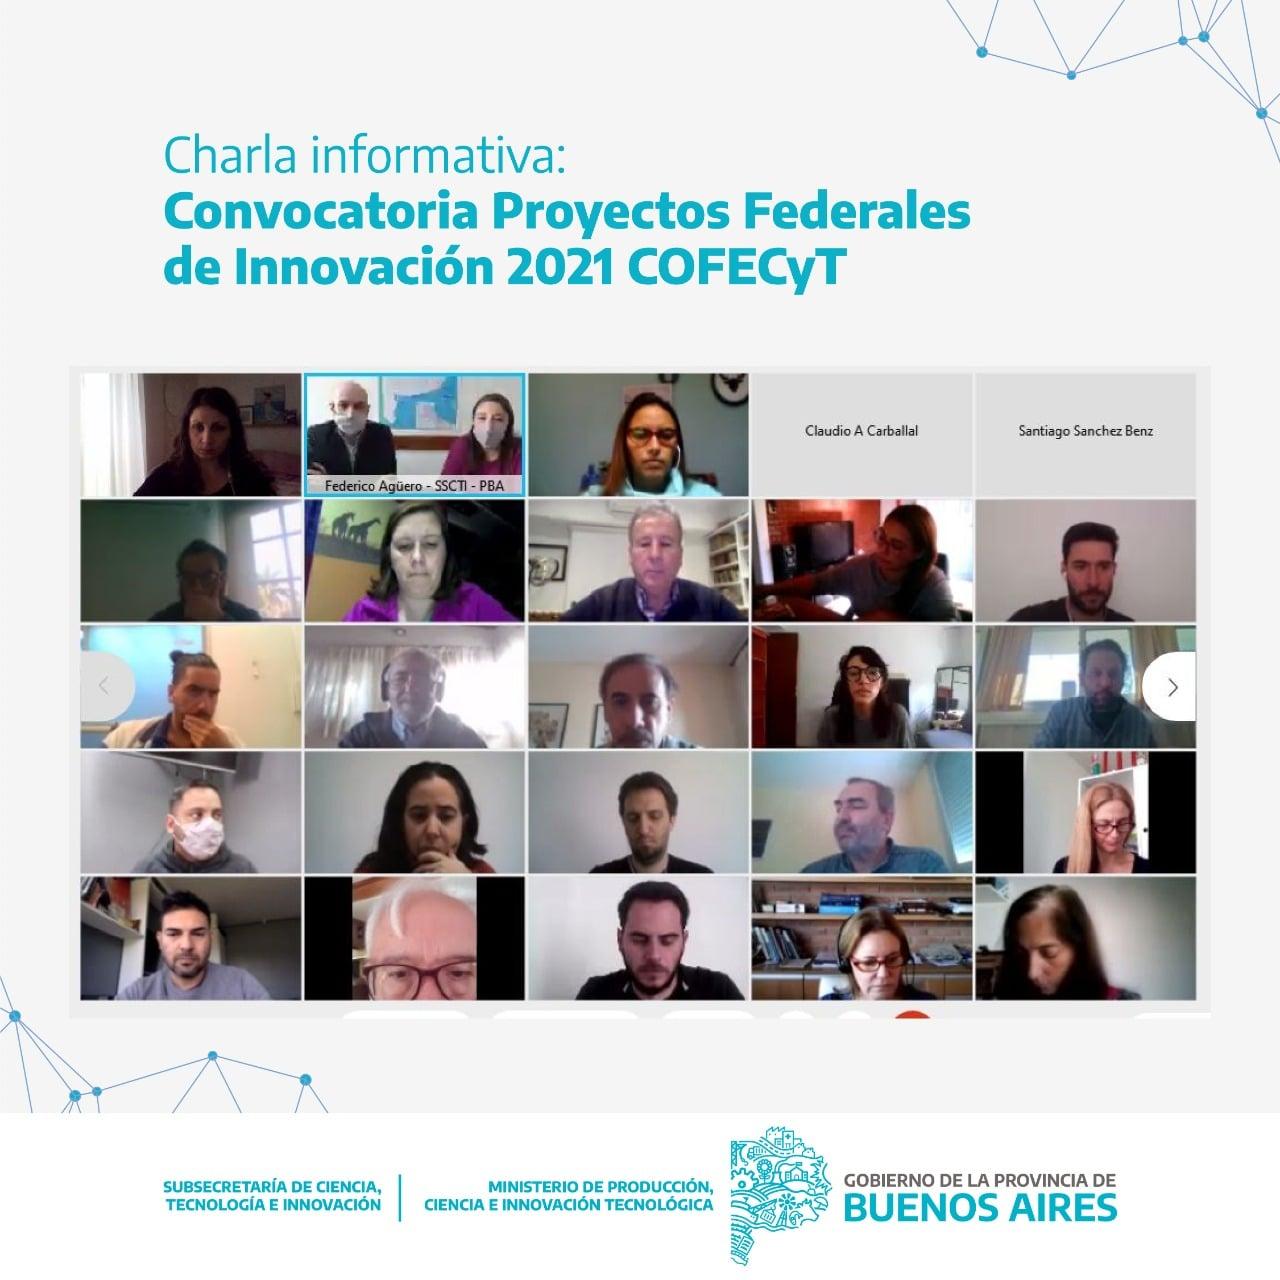 Abrió la convocatoria COFECYT para Proyectos Federales de Innovación 2021